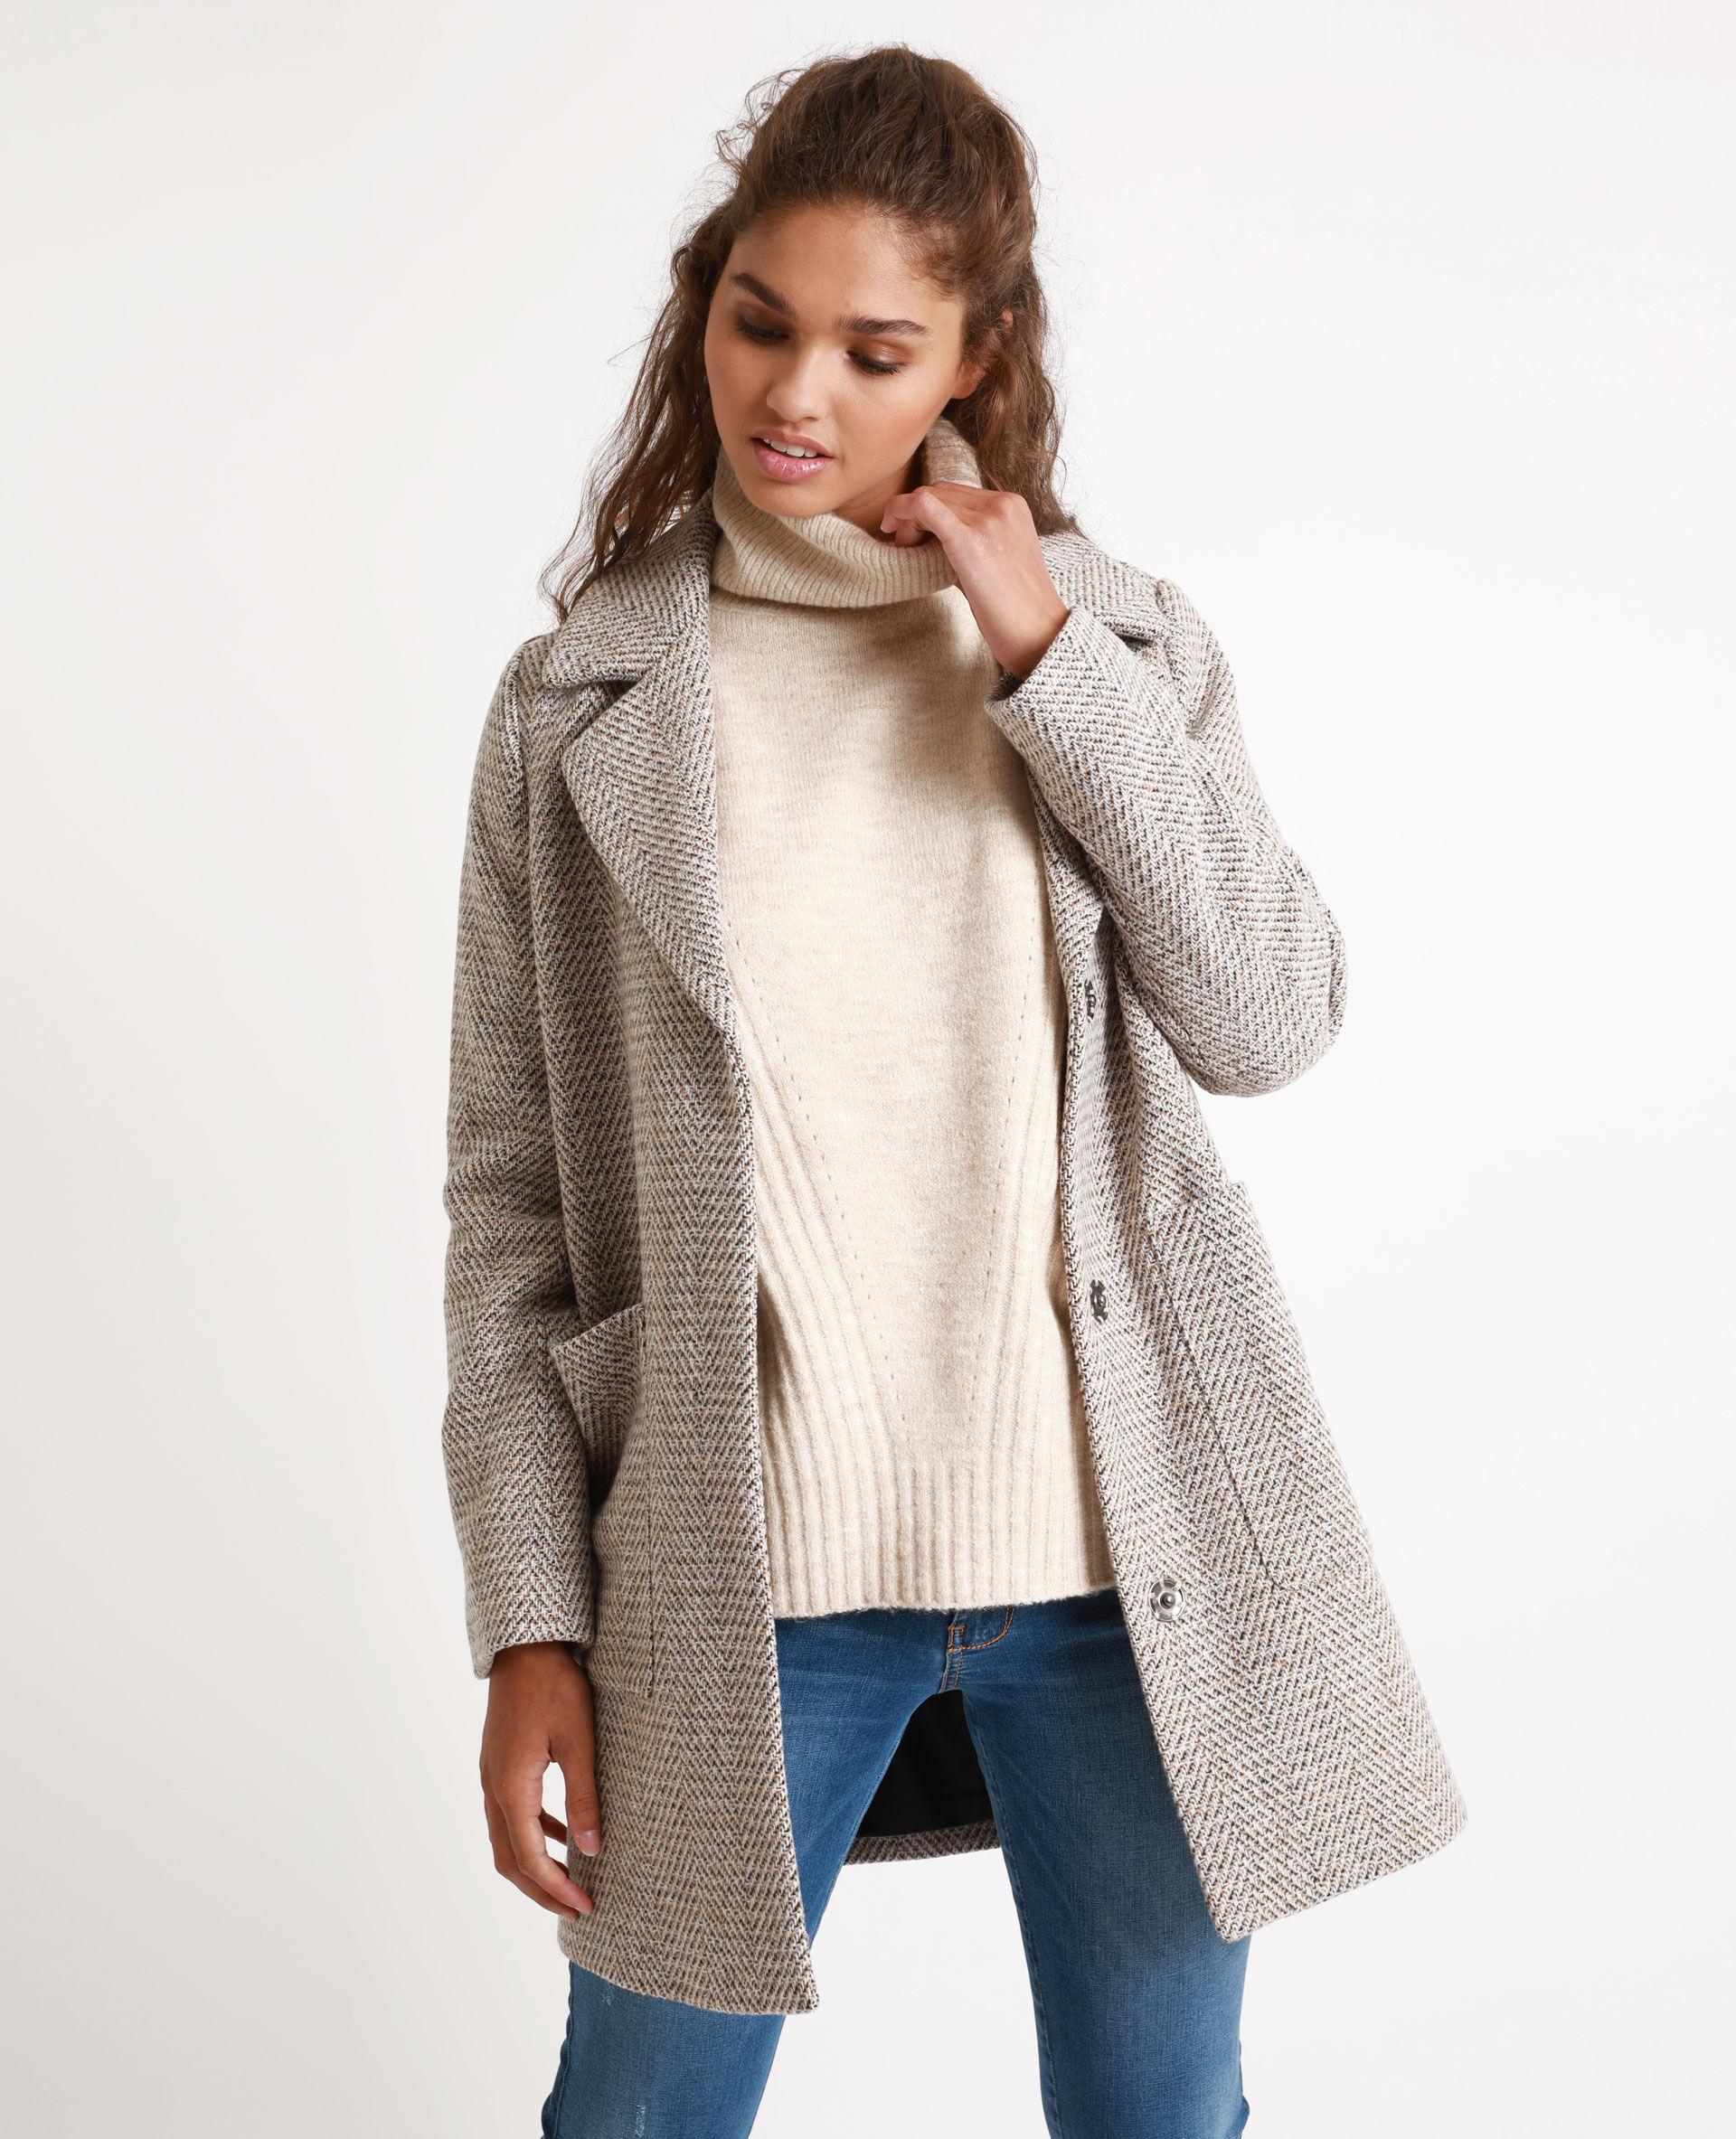 Manteau laine femme pimkie